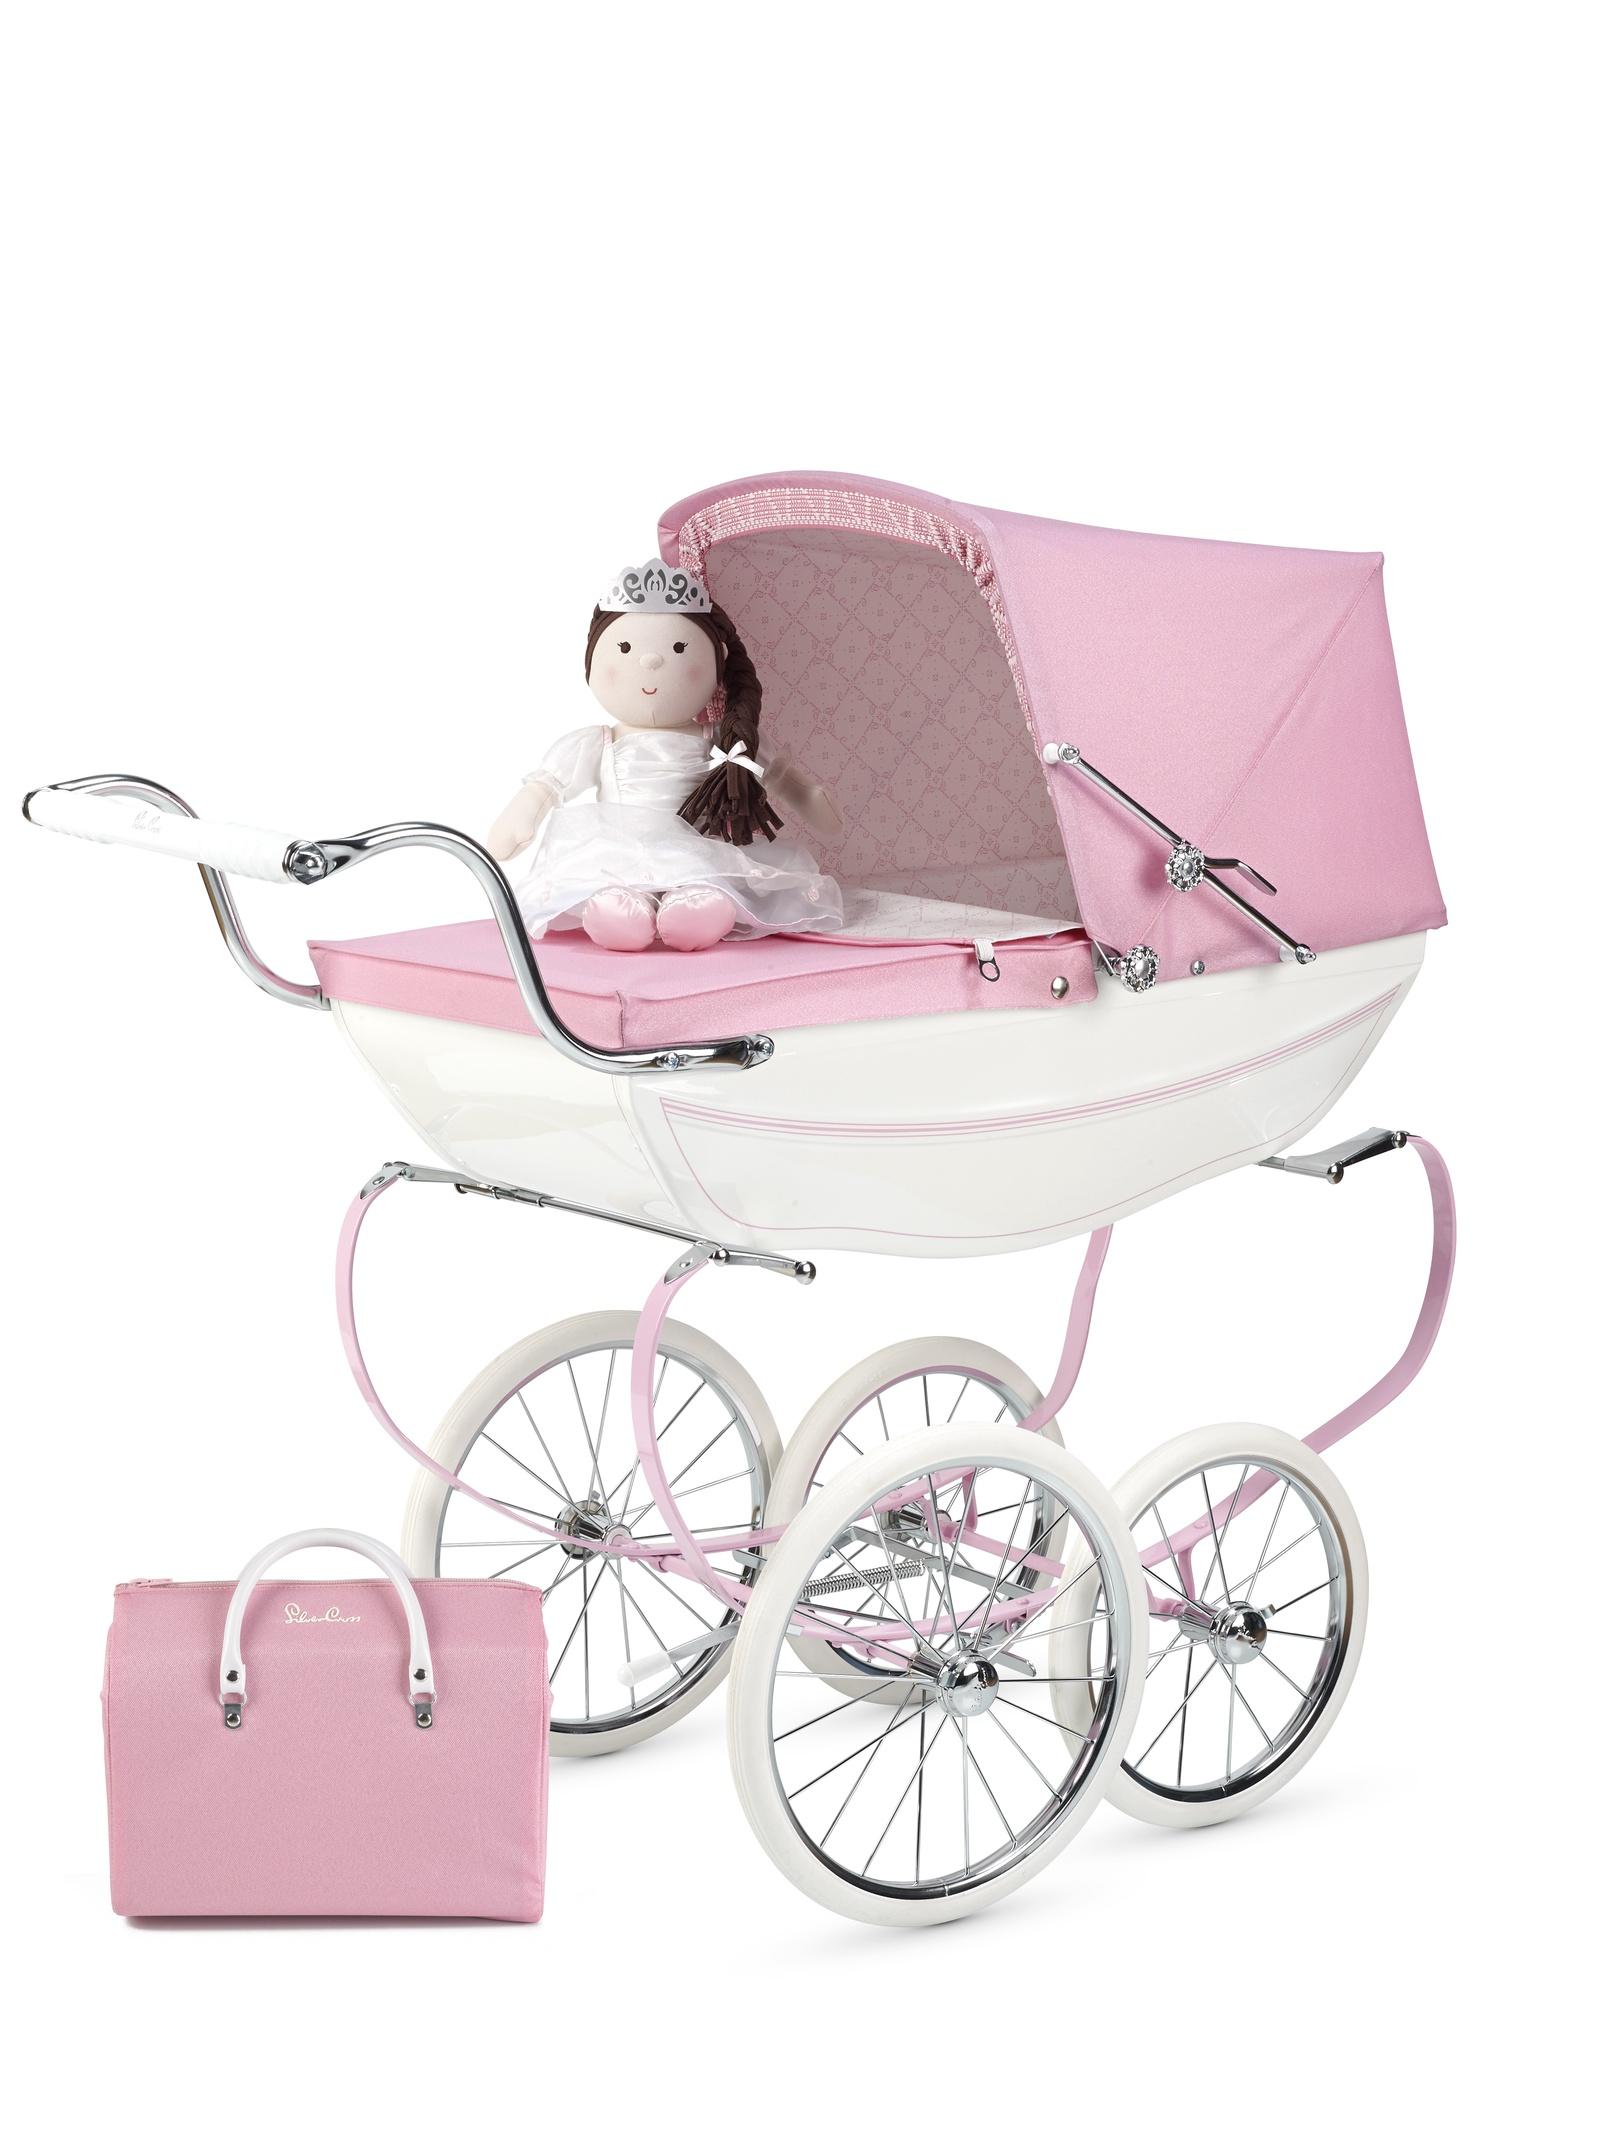 Транспорт для кукол Silver Cross SX6070.00 цена 2017